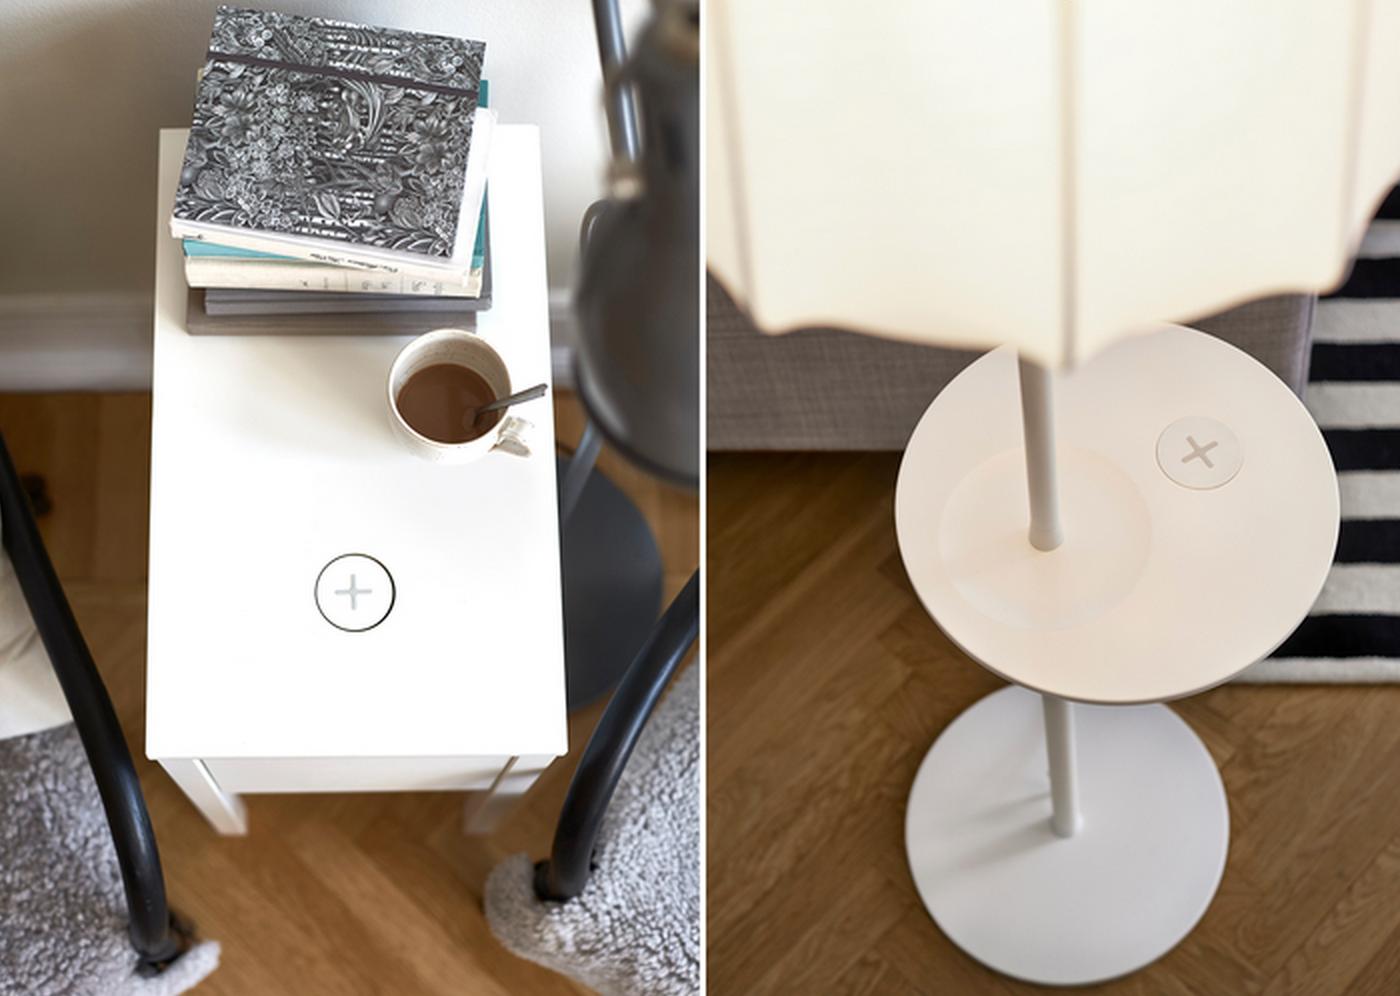 ikea se lance dans le rechargement sans fil fresh stuff. Black Bedroom Furniture Sets. Home Design Ideas